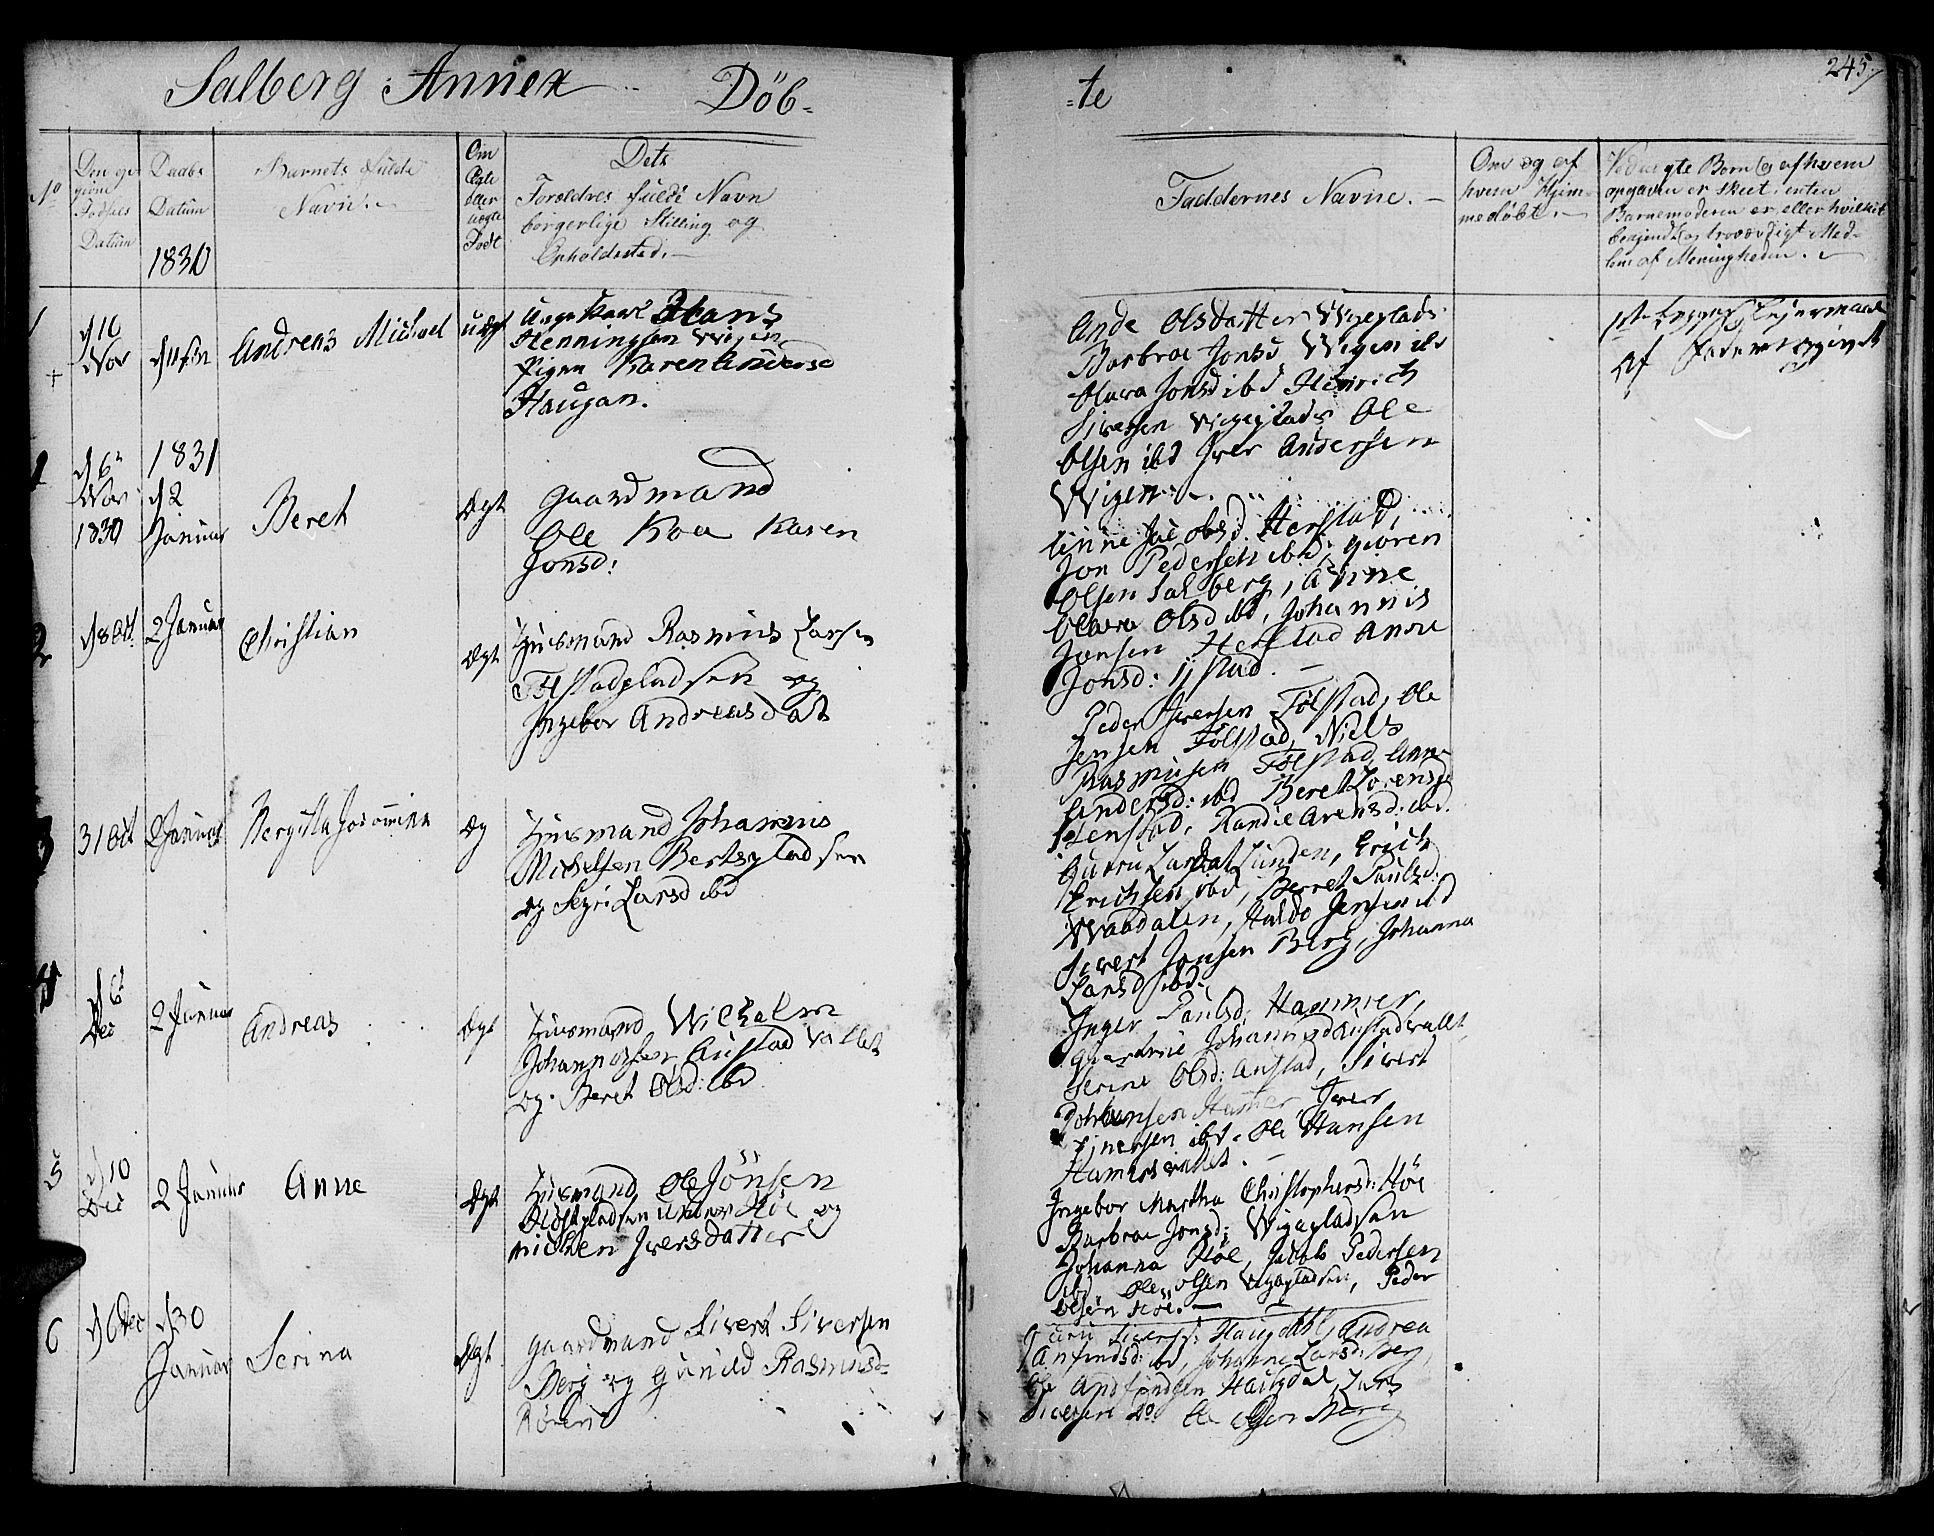 SAT, Ministerialprotokoller, klokkerbøker og fødselsregistre - Nord-Trøndelag, 730/L0277: Ministerialbok nr. 730A06 /2, 1831-1839, s. 245